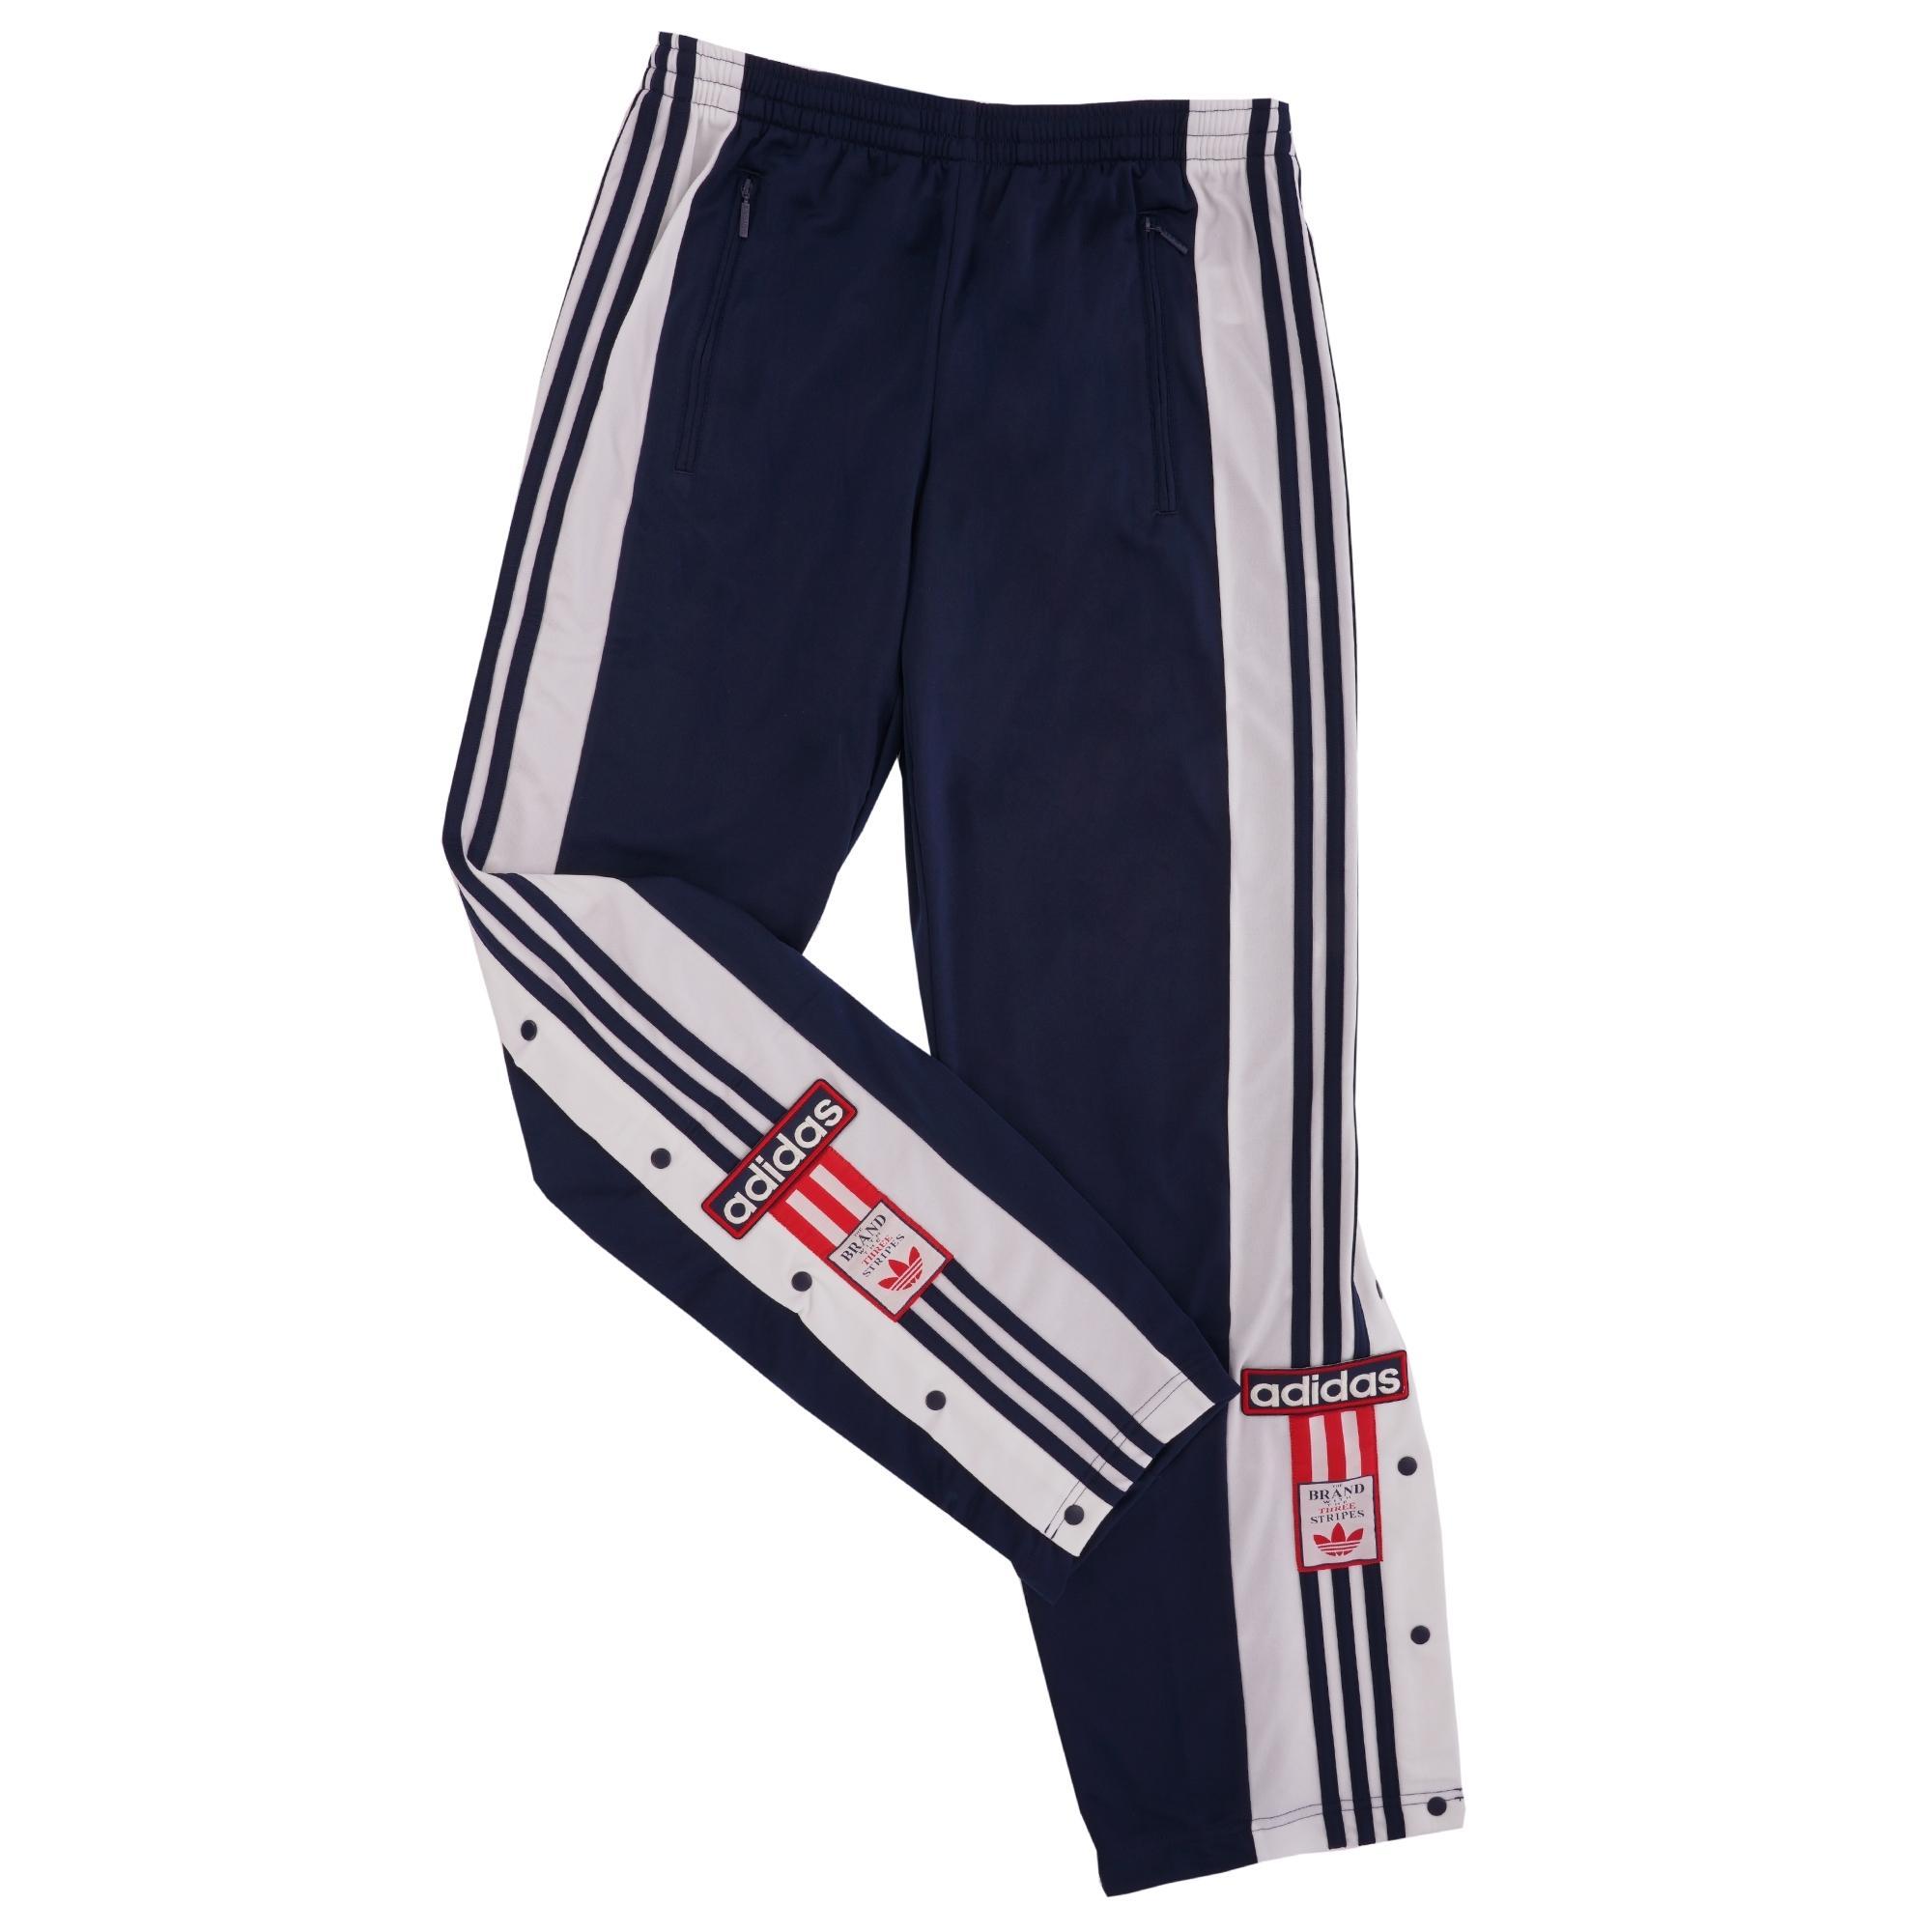 4c6d173115f1 Lyst - adidas Originals Adibreak Track Pants - Collegiate Navy in ...